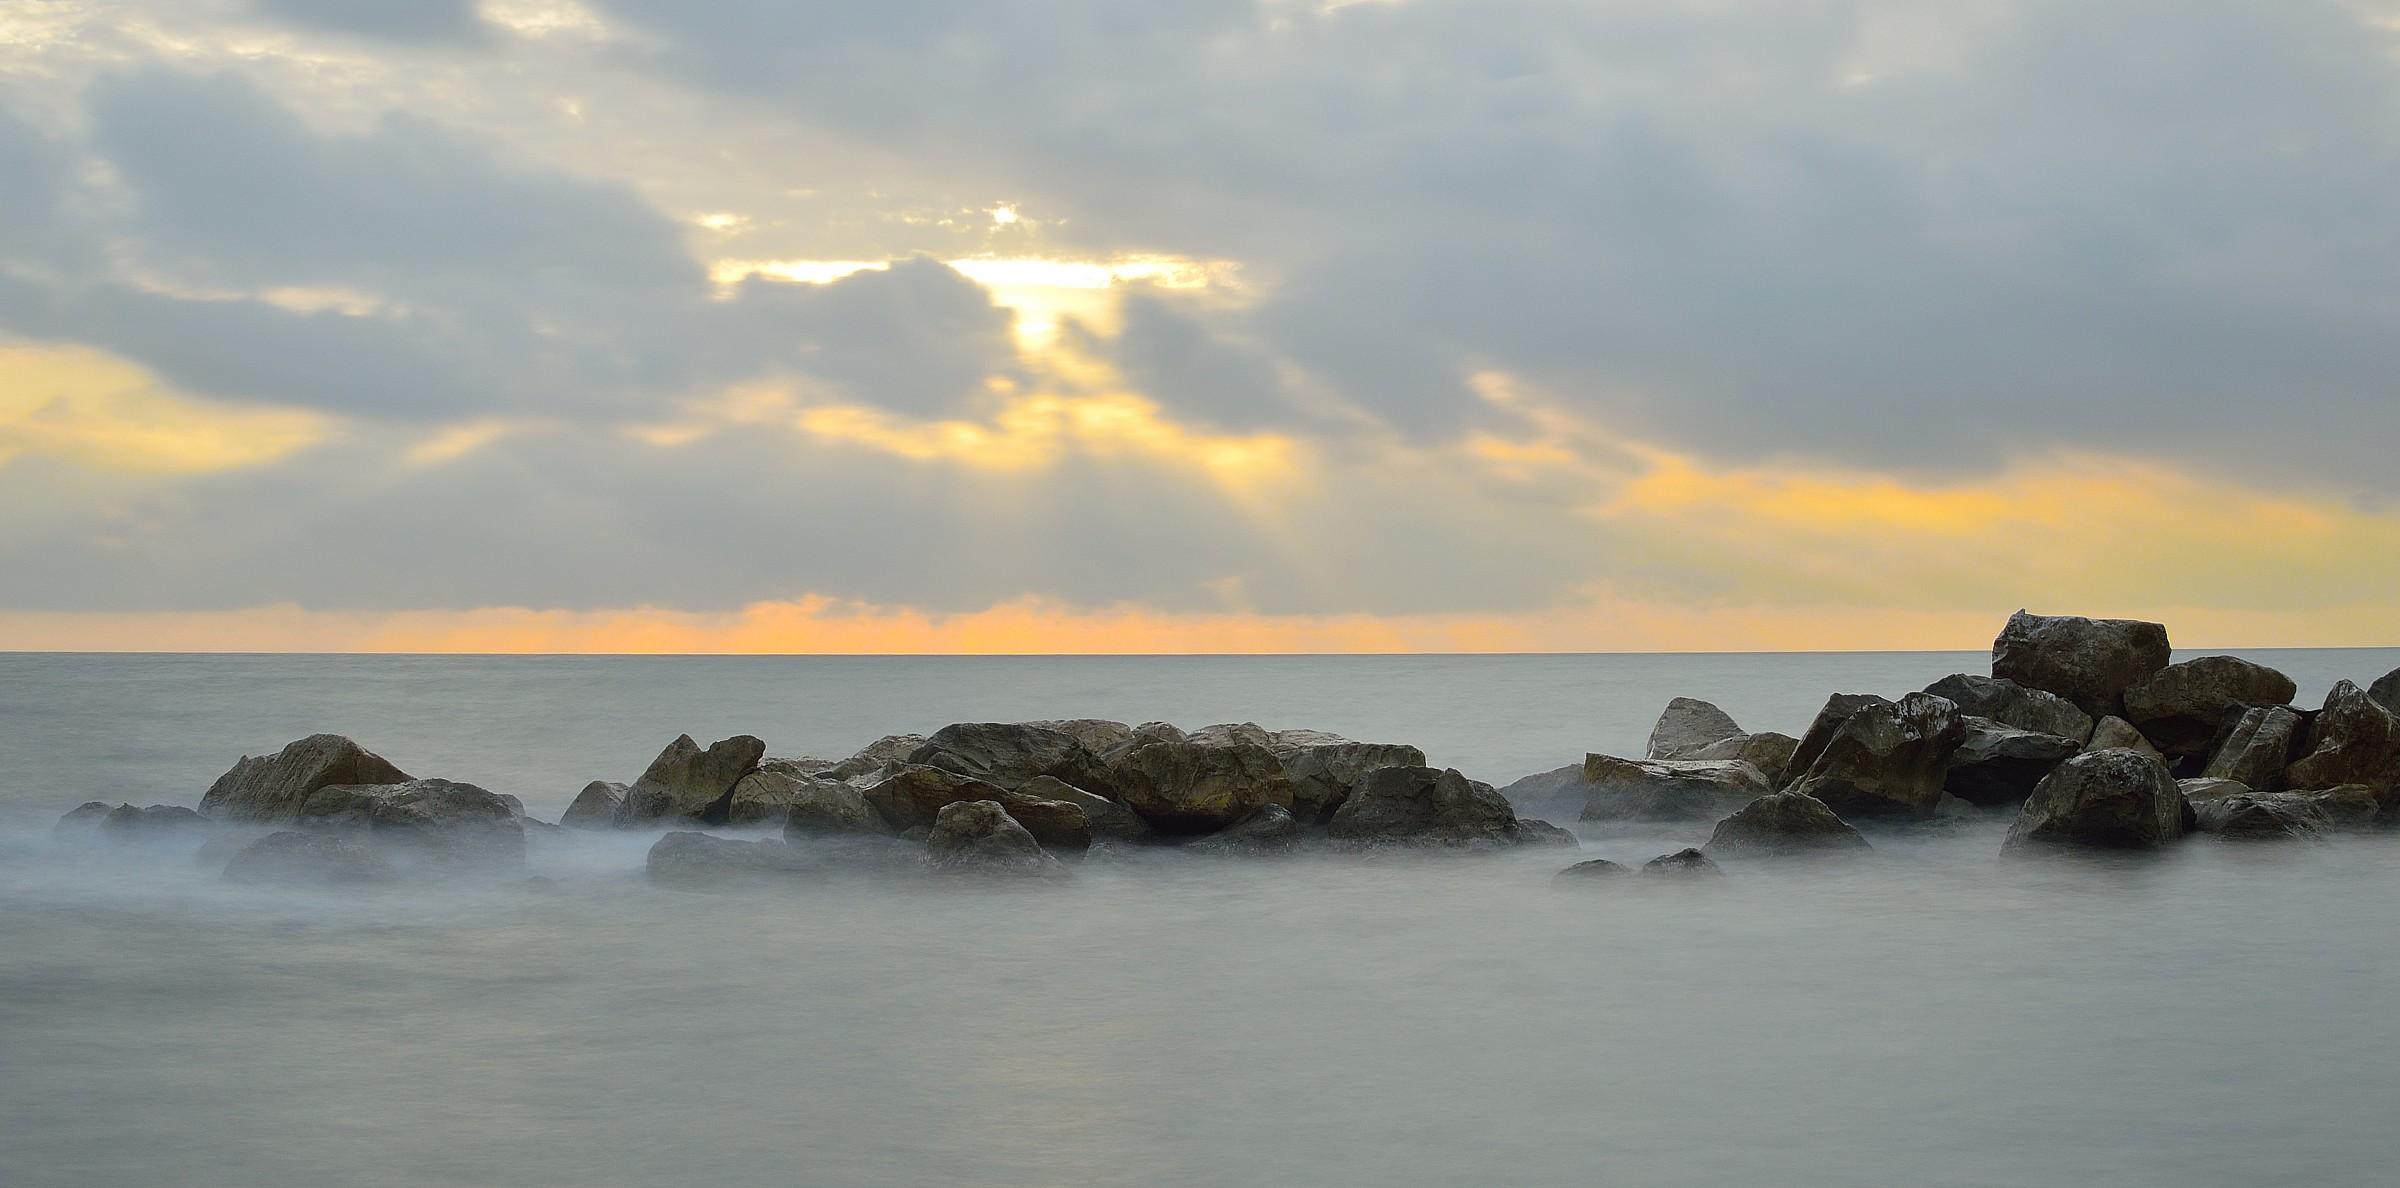 fog on the rocks...